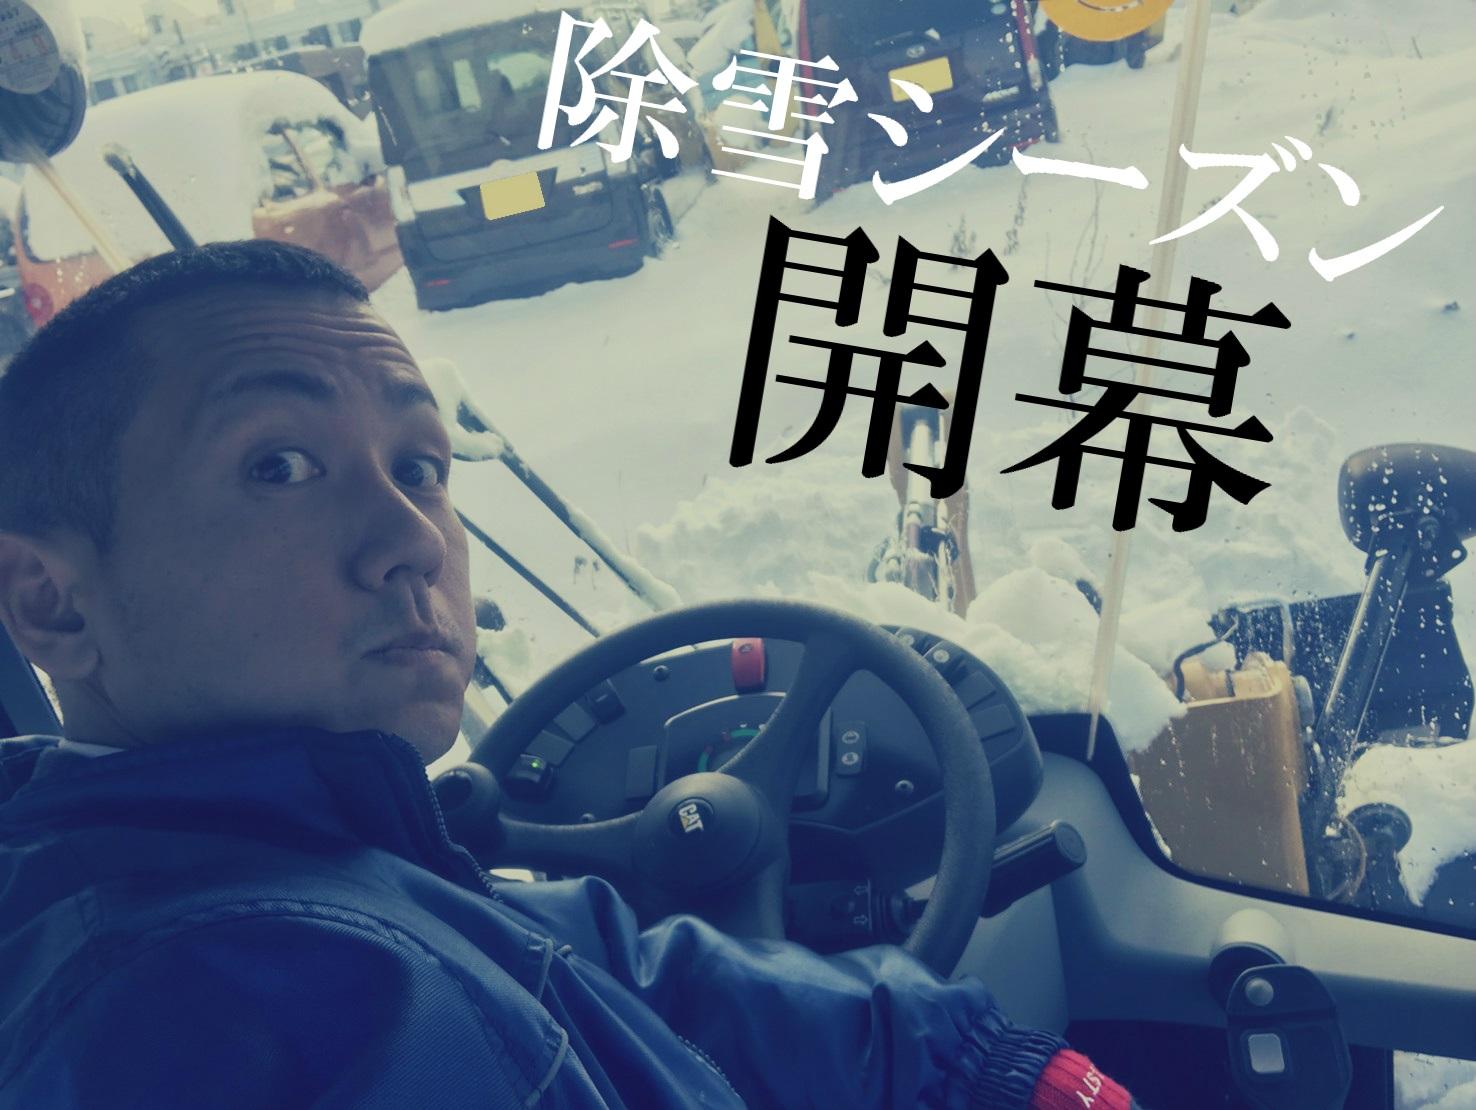 12月5日 火曜日のひとログ(´▽`) 除雪シーズン到来!!除雪車リース承り〼!自社ローン☆_b0127002_15494292.jpg